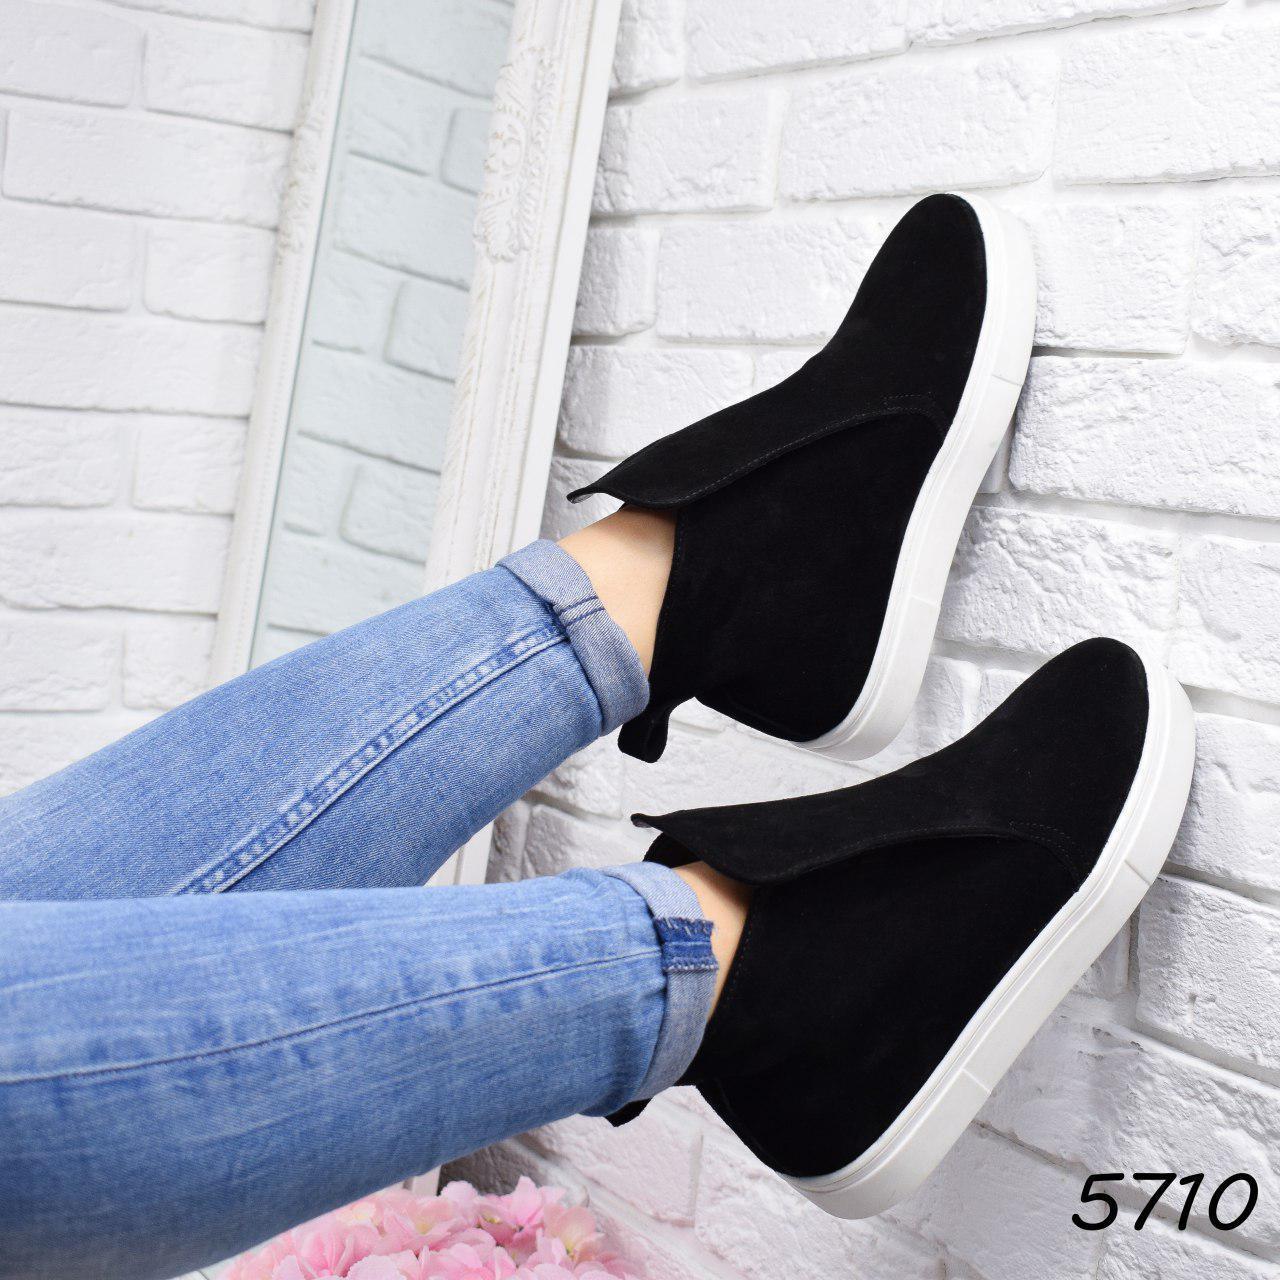 """Ботинки, ботильоны черные """"Jill"""" НАТУРАЛЬНАЯ ЗАМША, повседневная, демисезонная, осенняя, женская обувь"""